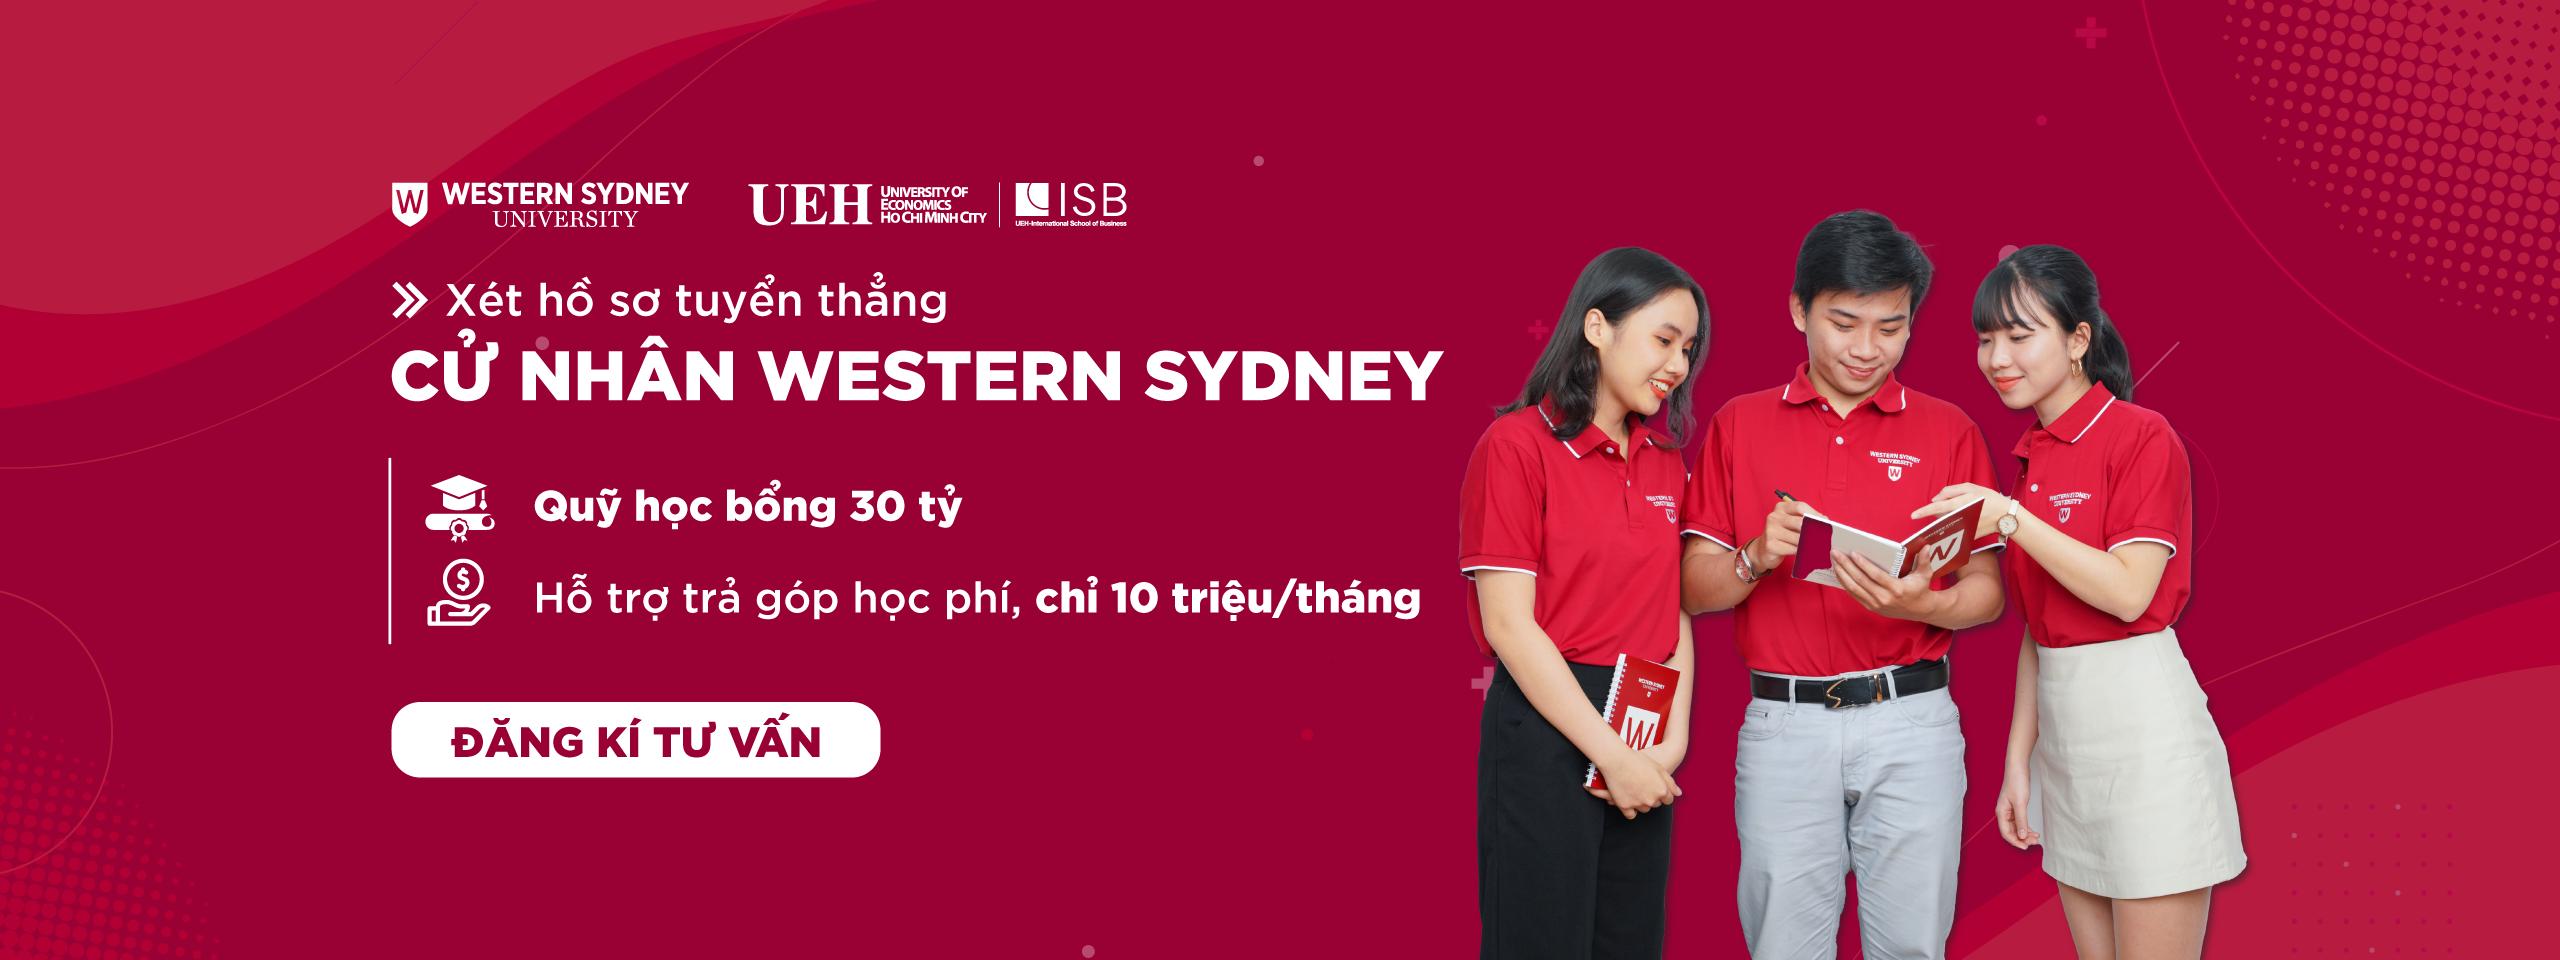 Tuyển sinh Cử nhân Western Sydney năm 2021